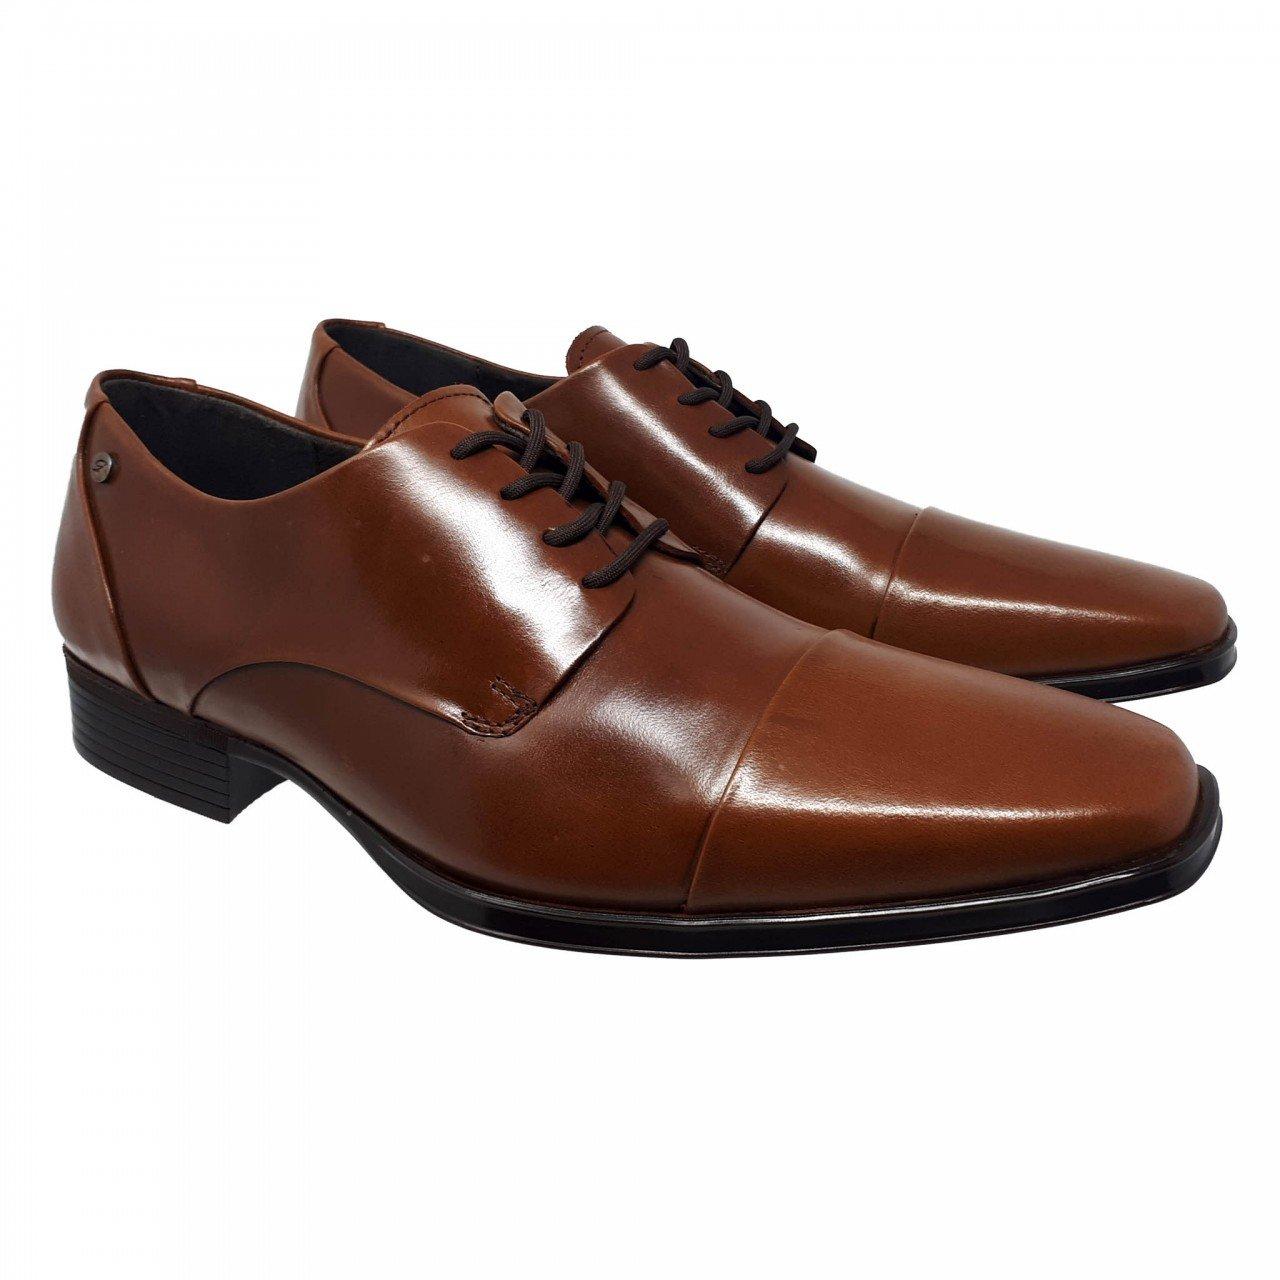 Zapato de vestir café para hombre Gino Cherruti 4610